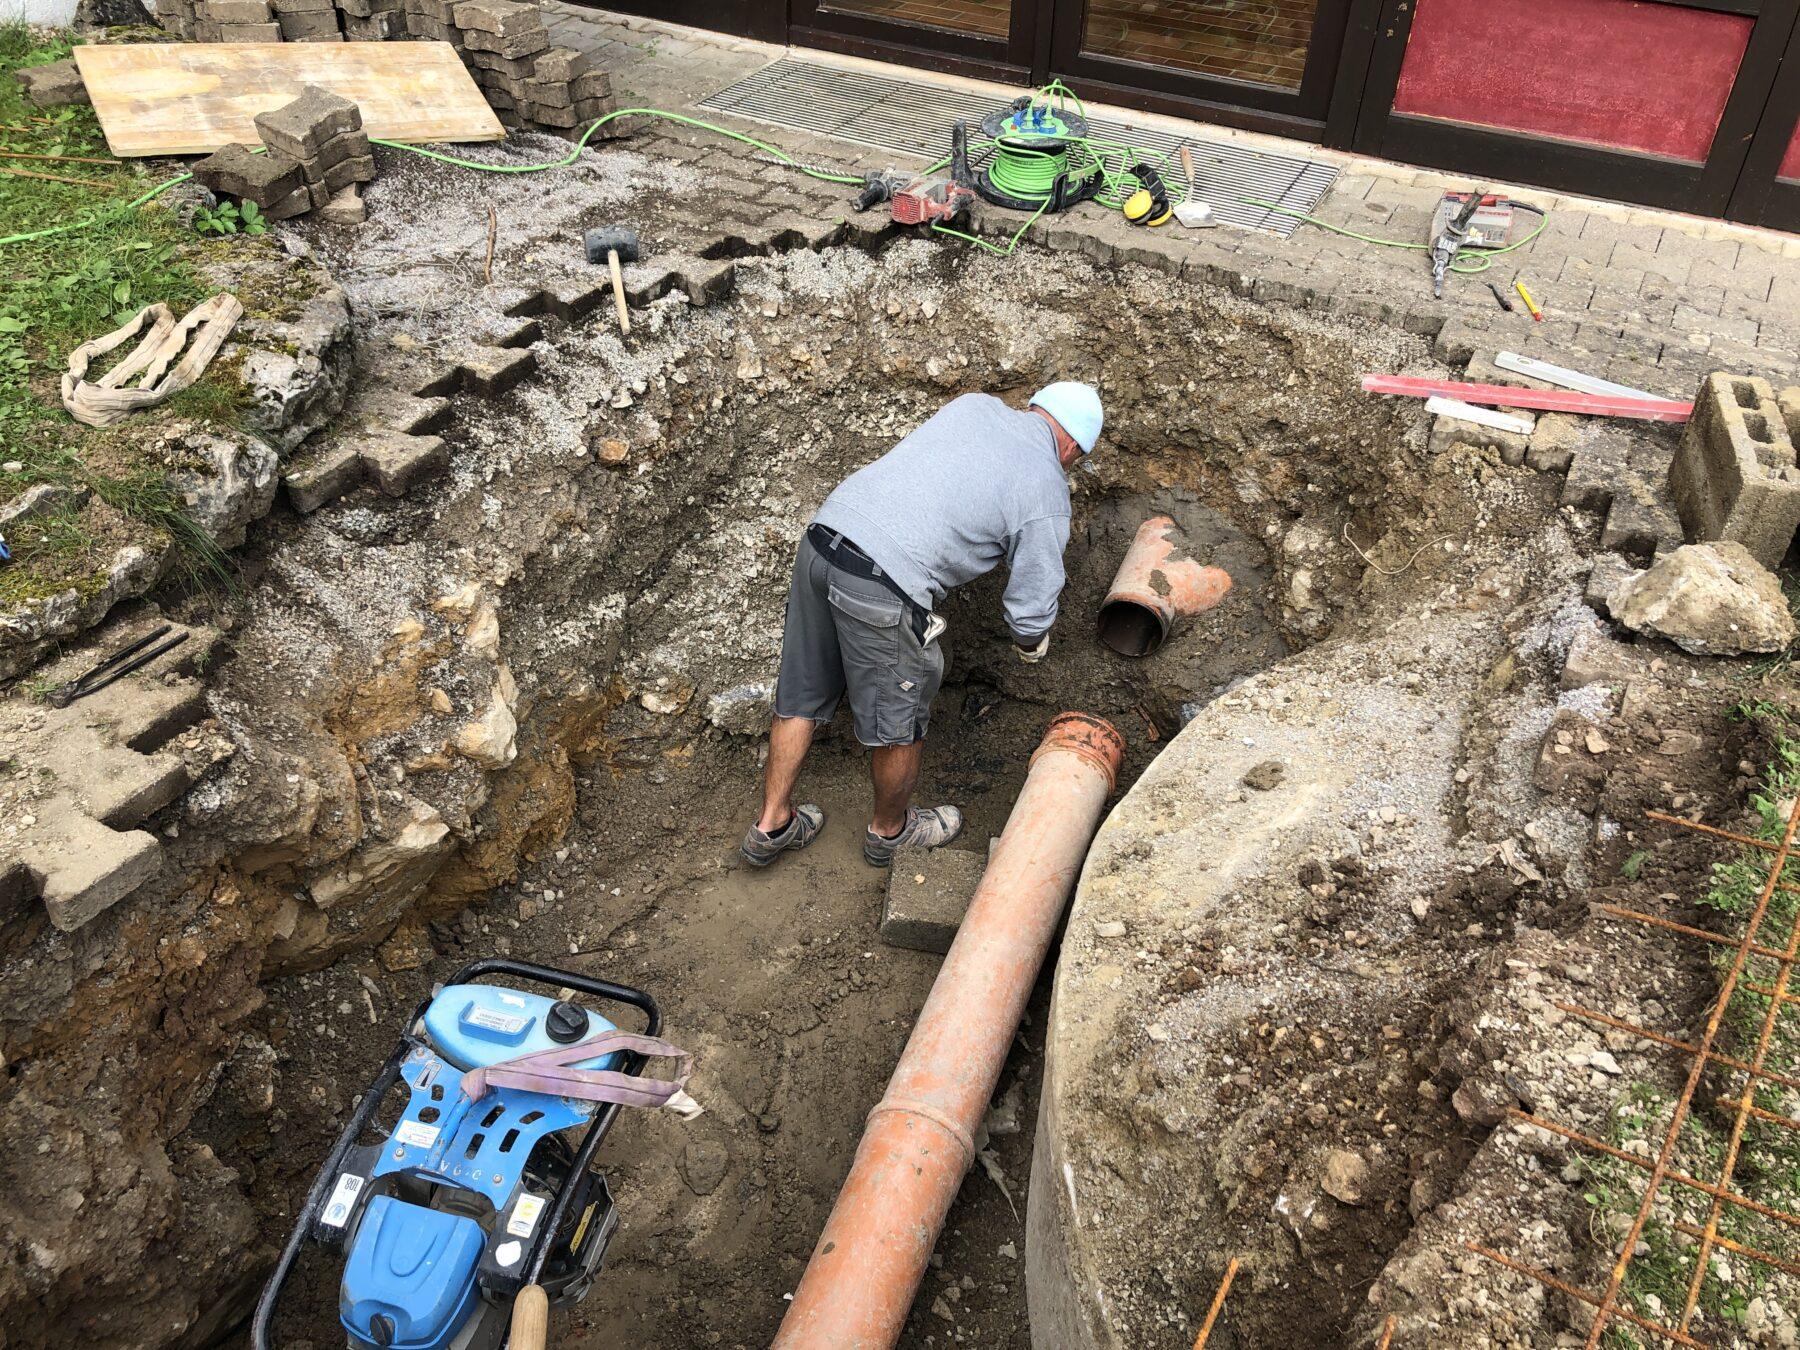 Bild: Arbeiter steht in der Baugrube und repariert die Abwasserleitung.